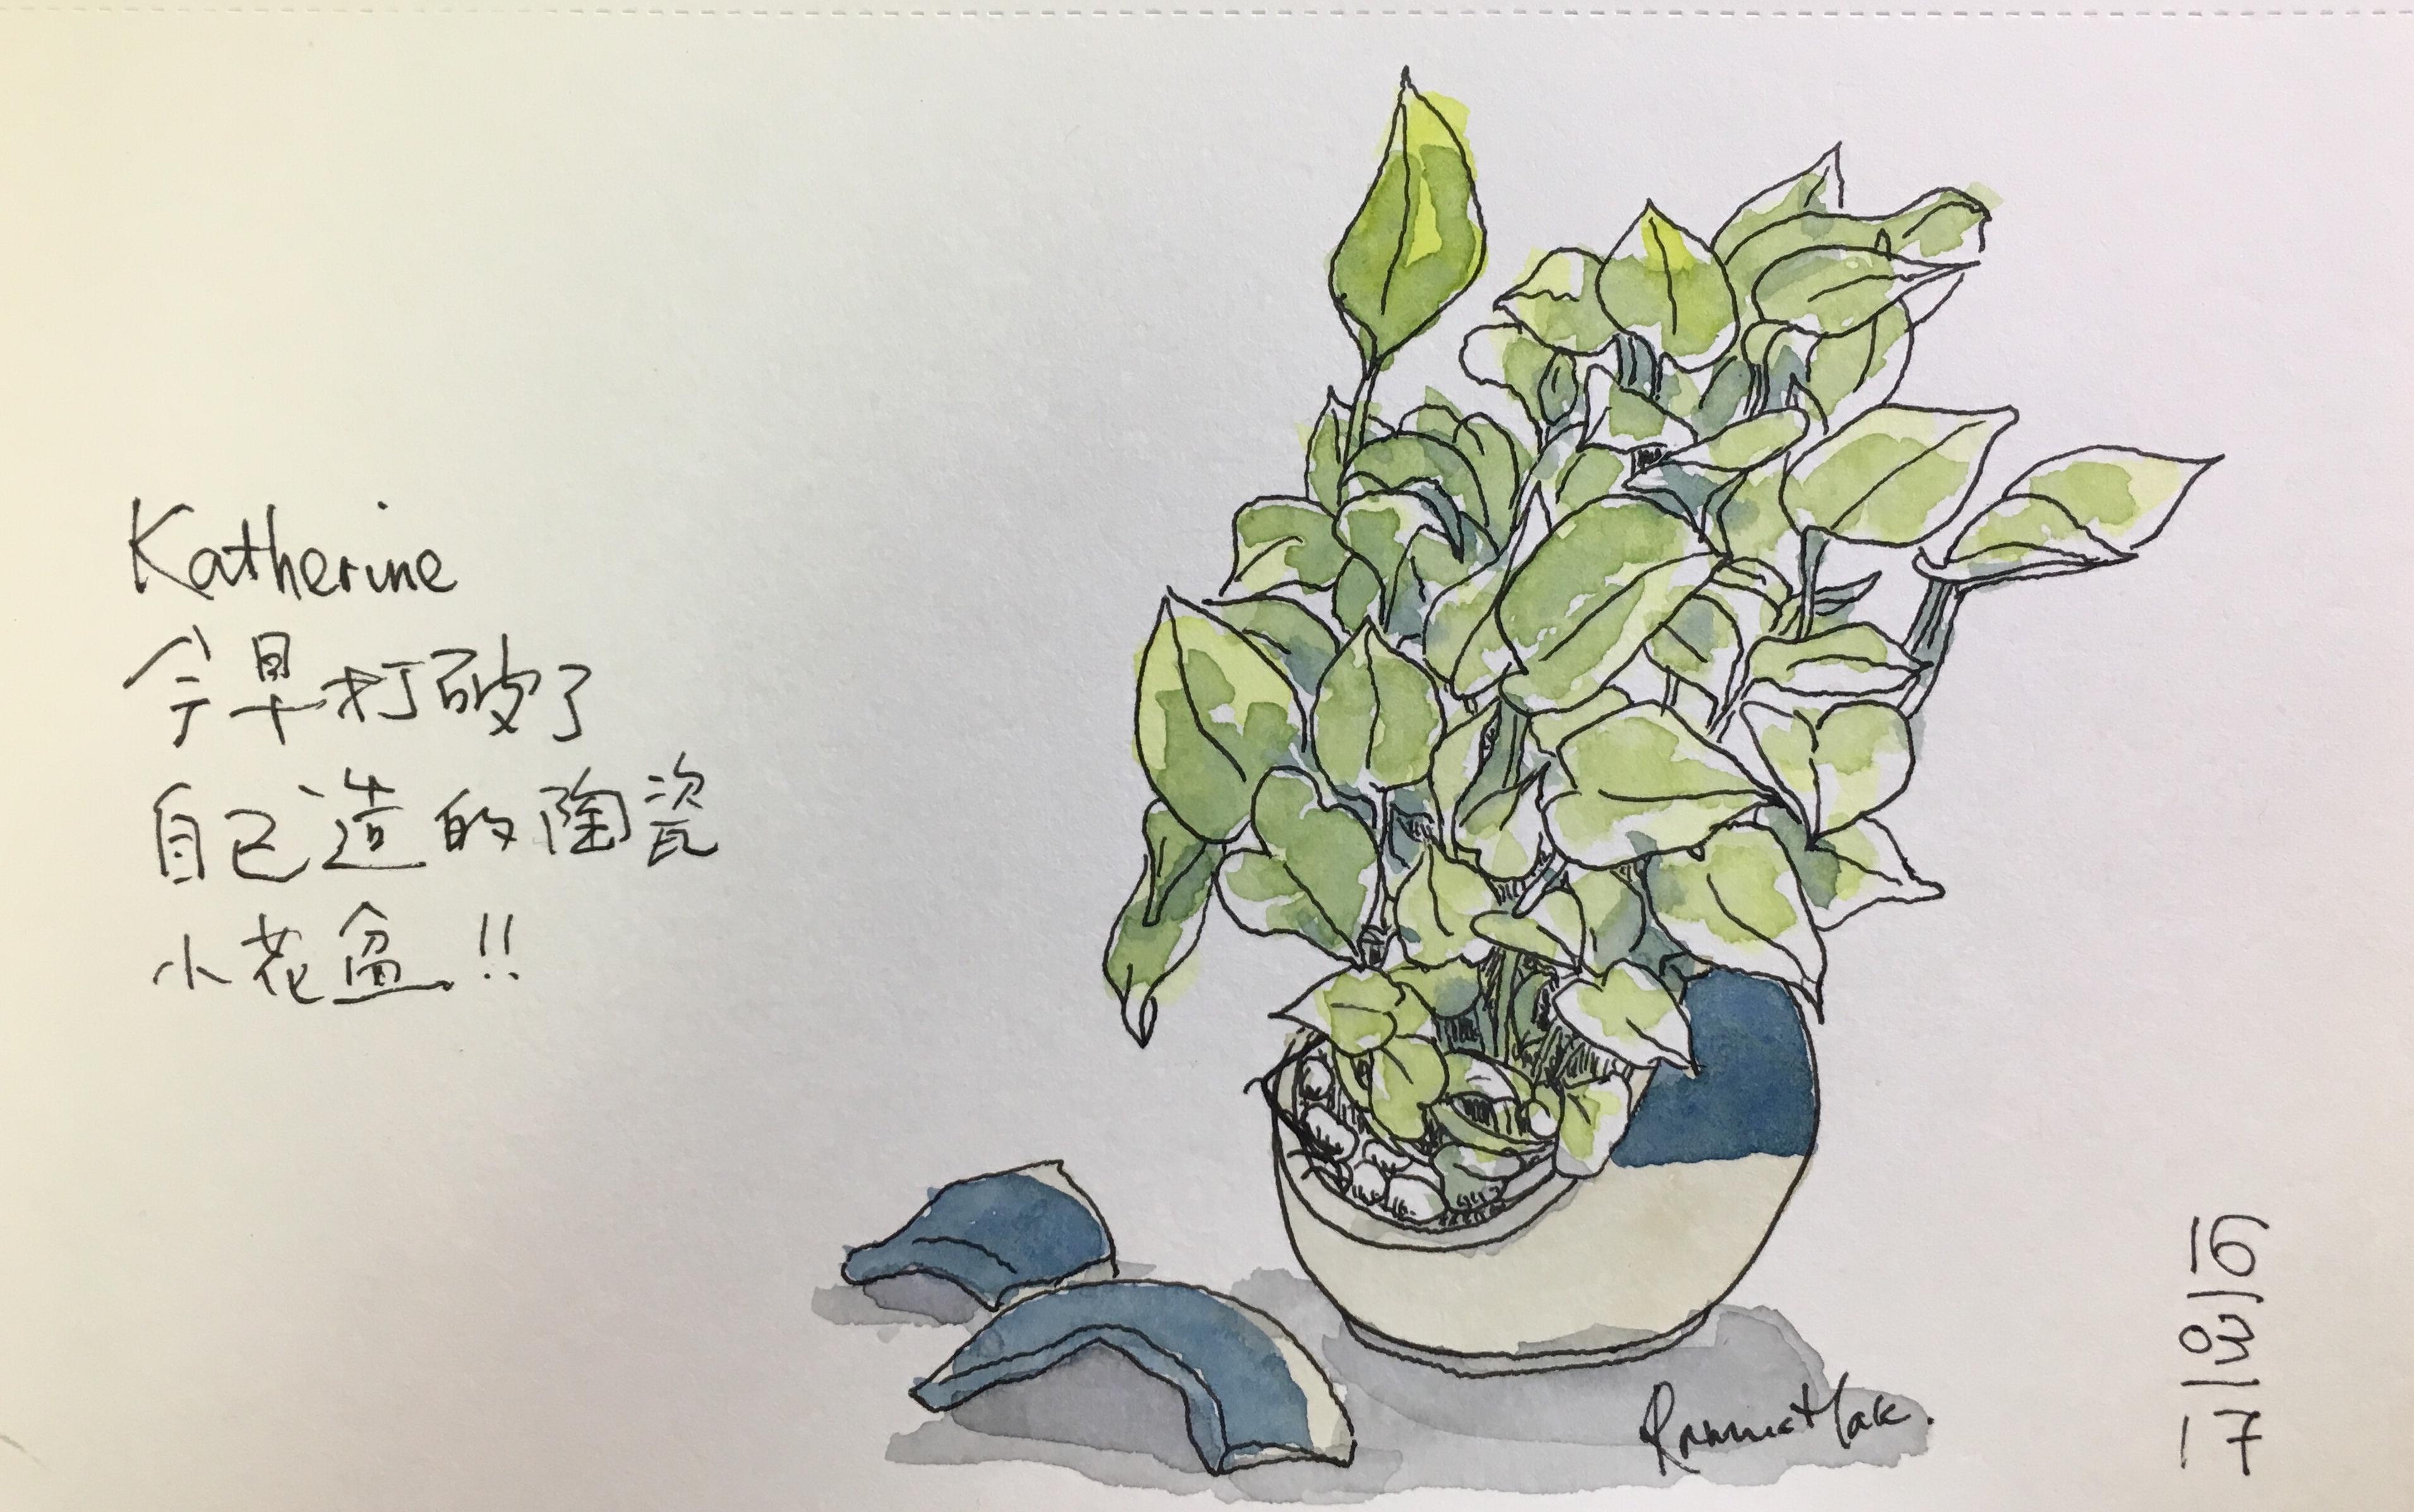 手繪:老婆的破花盆